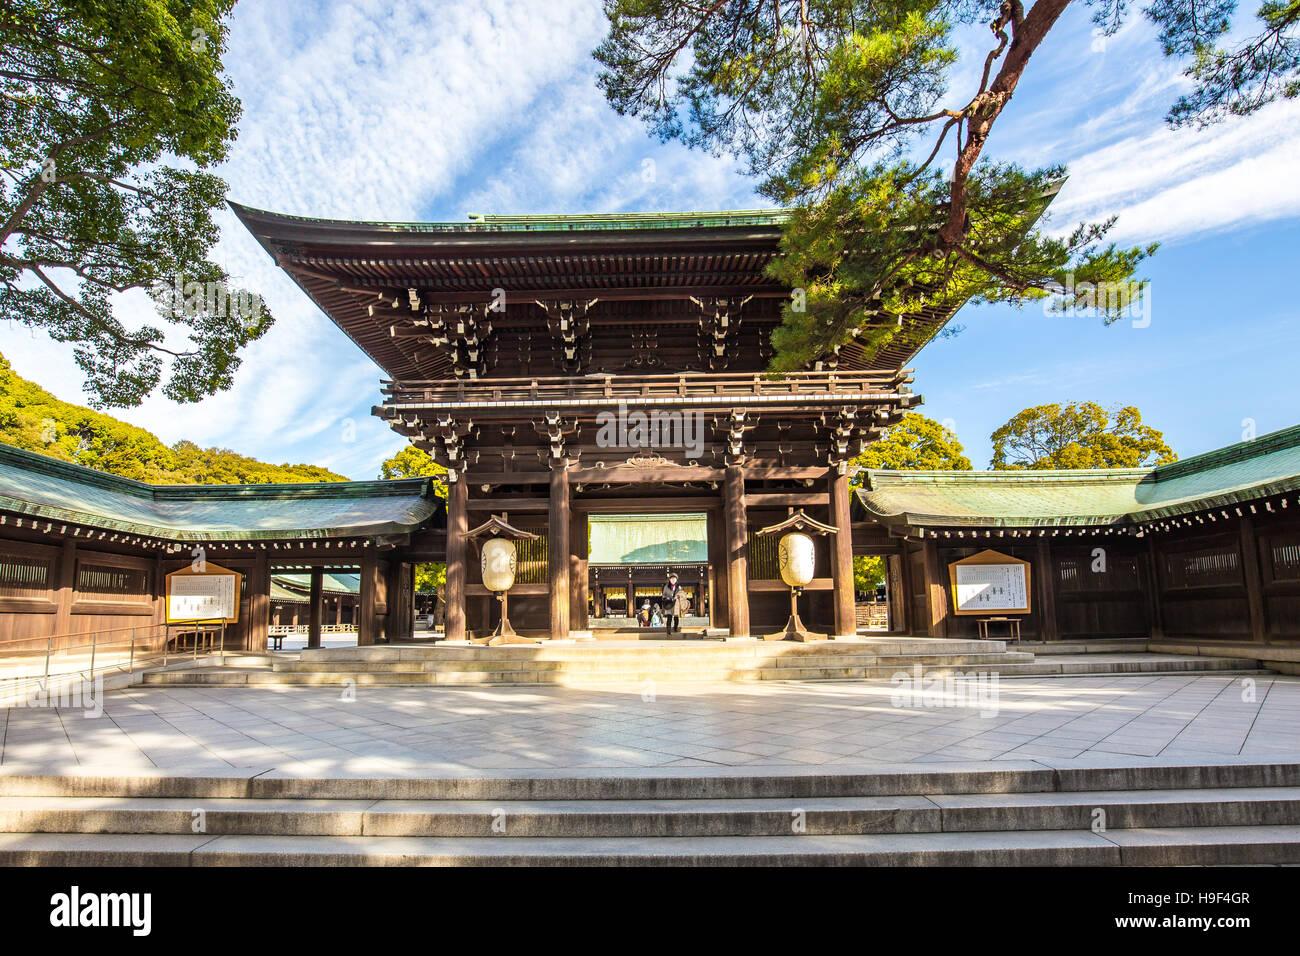 Tokyo, Giappone - 16 Febbraio 2015: Meiji Jingu in Shibuya, Tokyo - Giappone. Immagini Stock